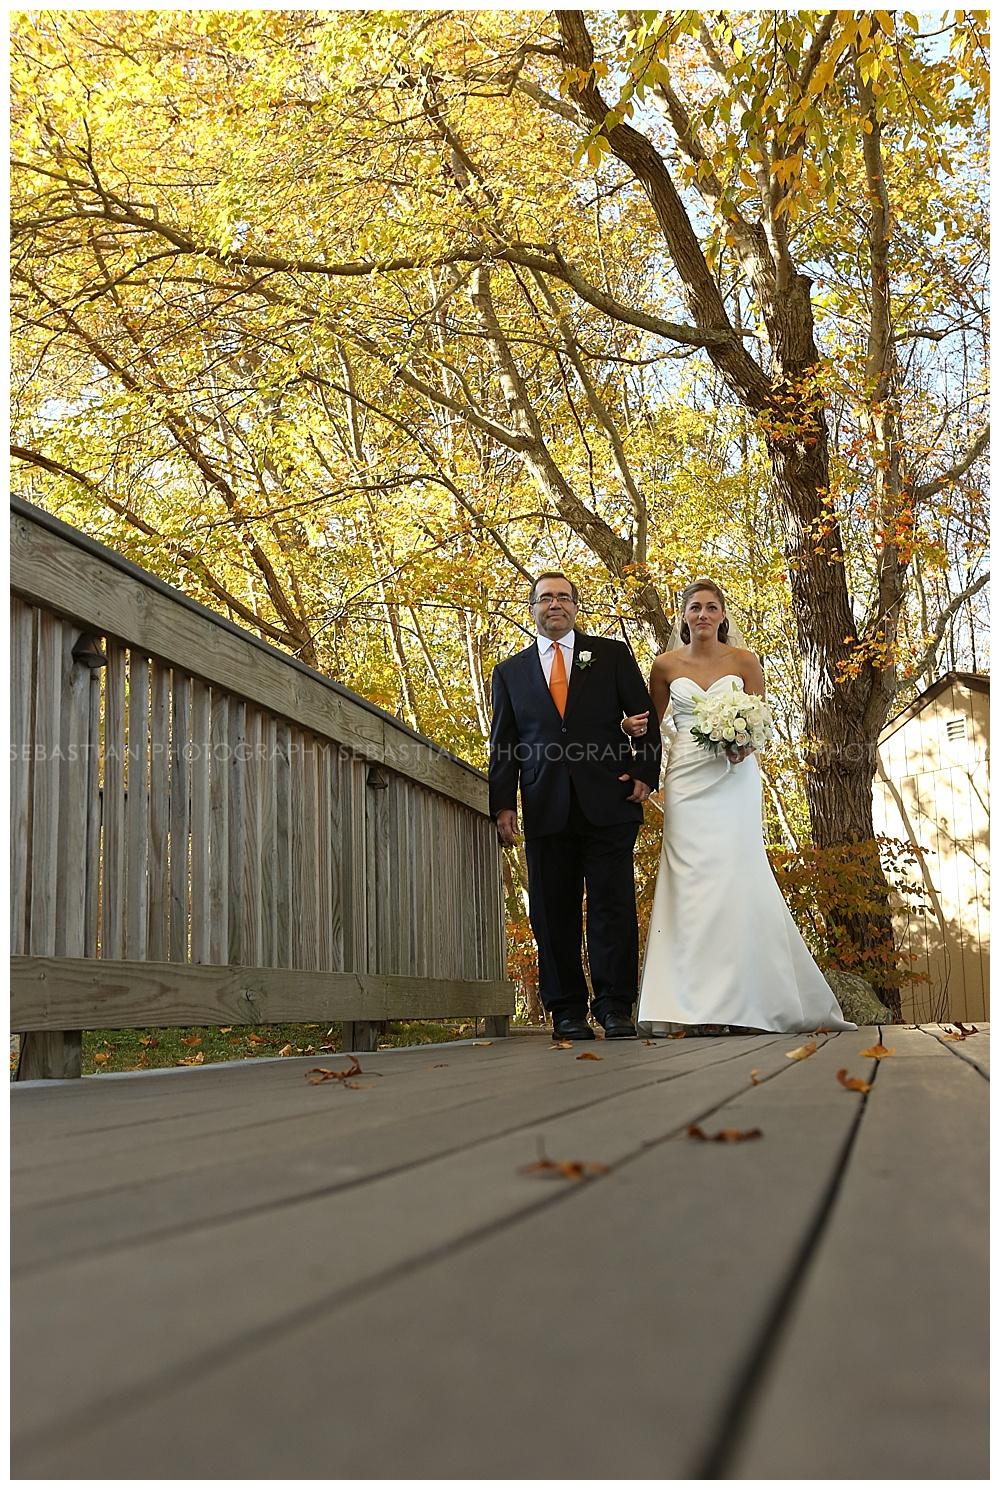 Sebastian_Photography_Wedding_LakeOfIsles_33.jpg